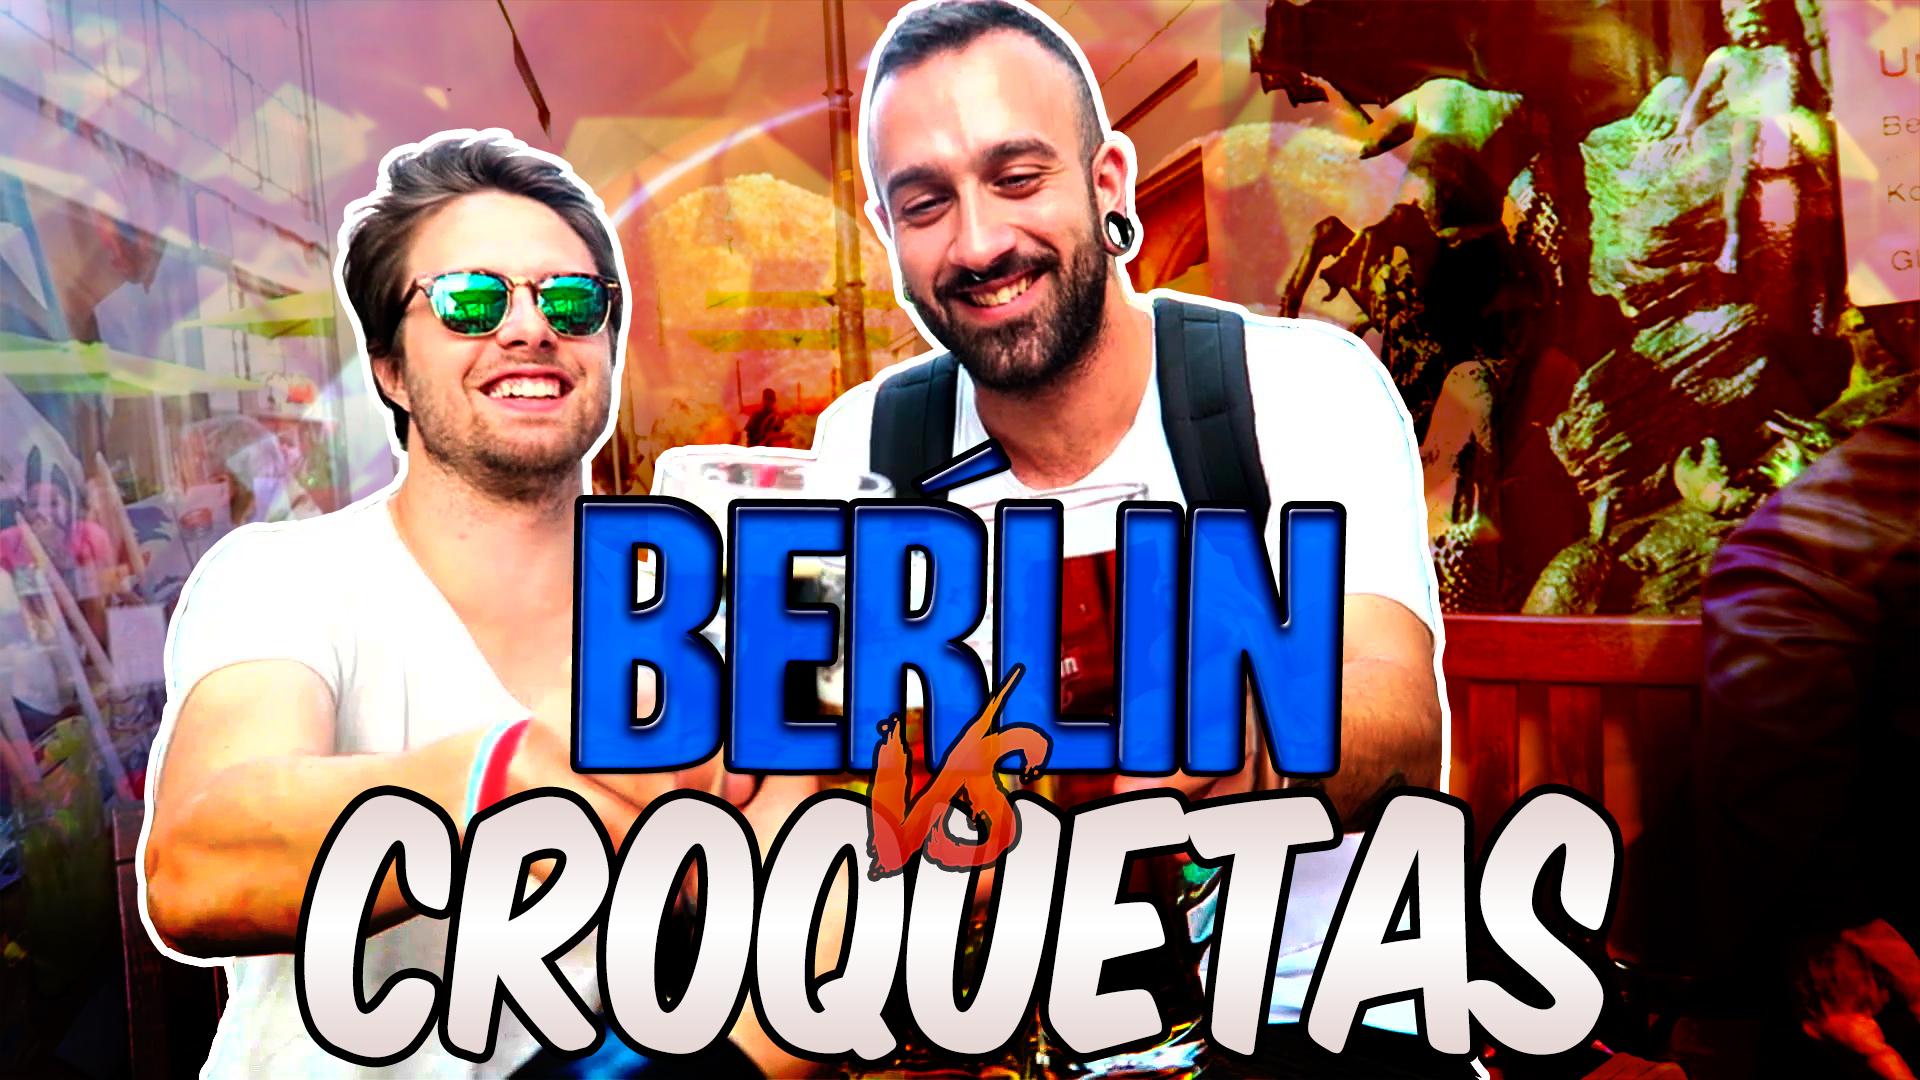 Temporada 1  Berlín contra las croquetas